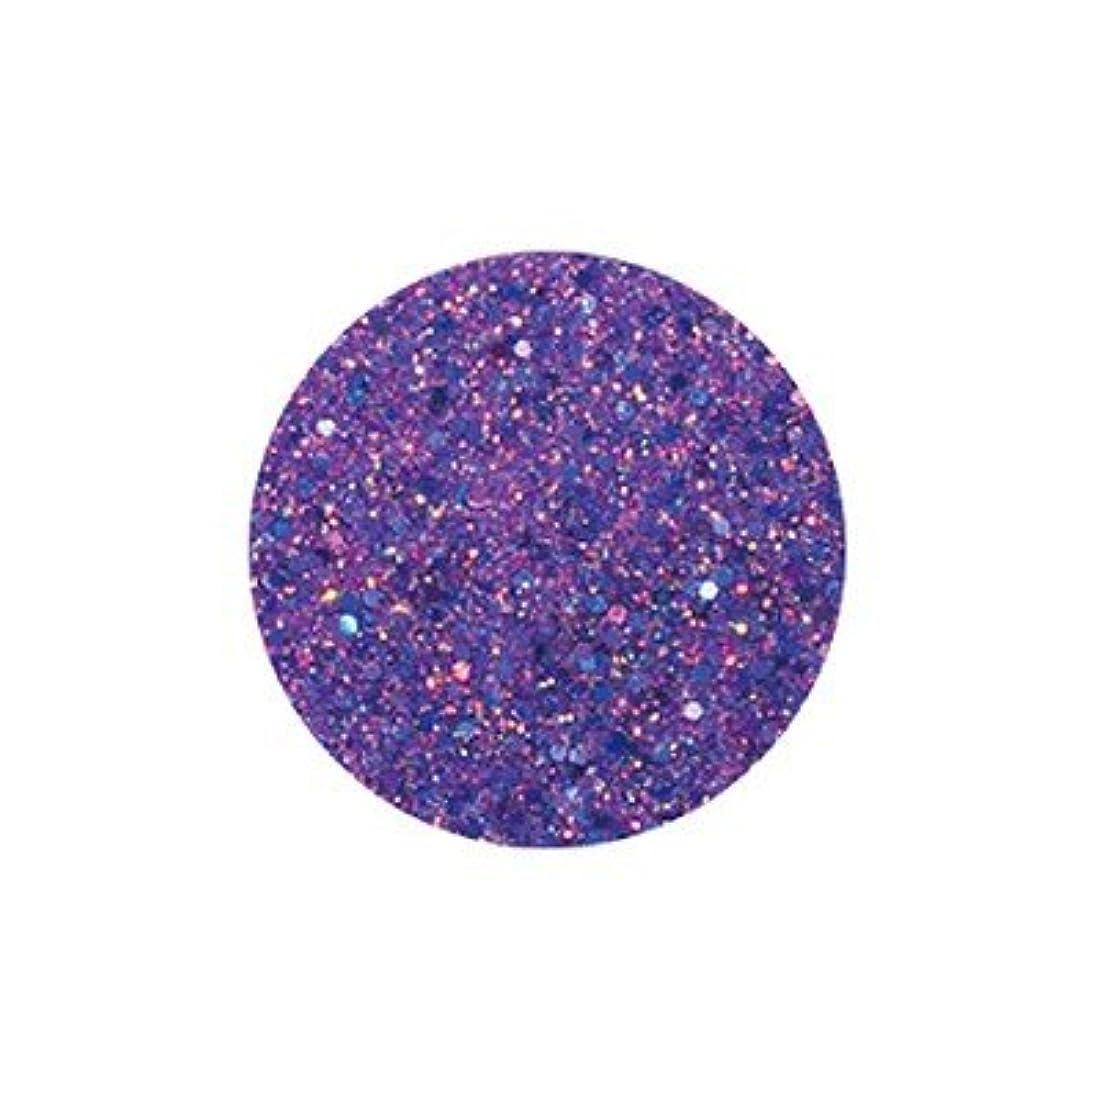 信じるシンプトンリブFANTASY NAIL ダイヤモンドコレクション 3g 4261XS カラーパウダー アート材